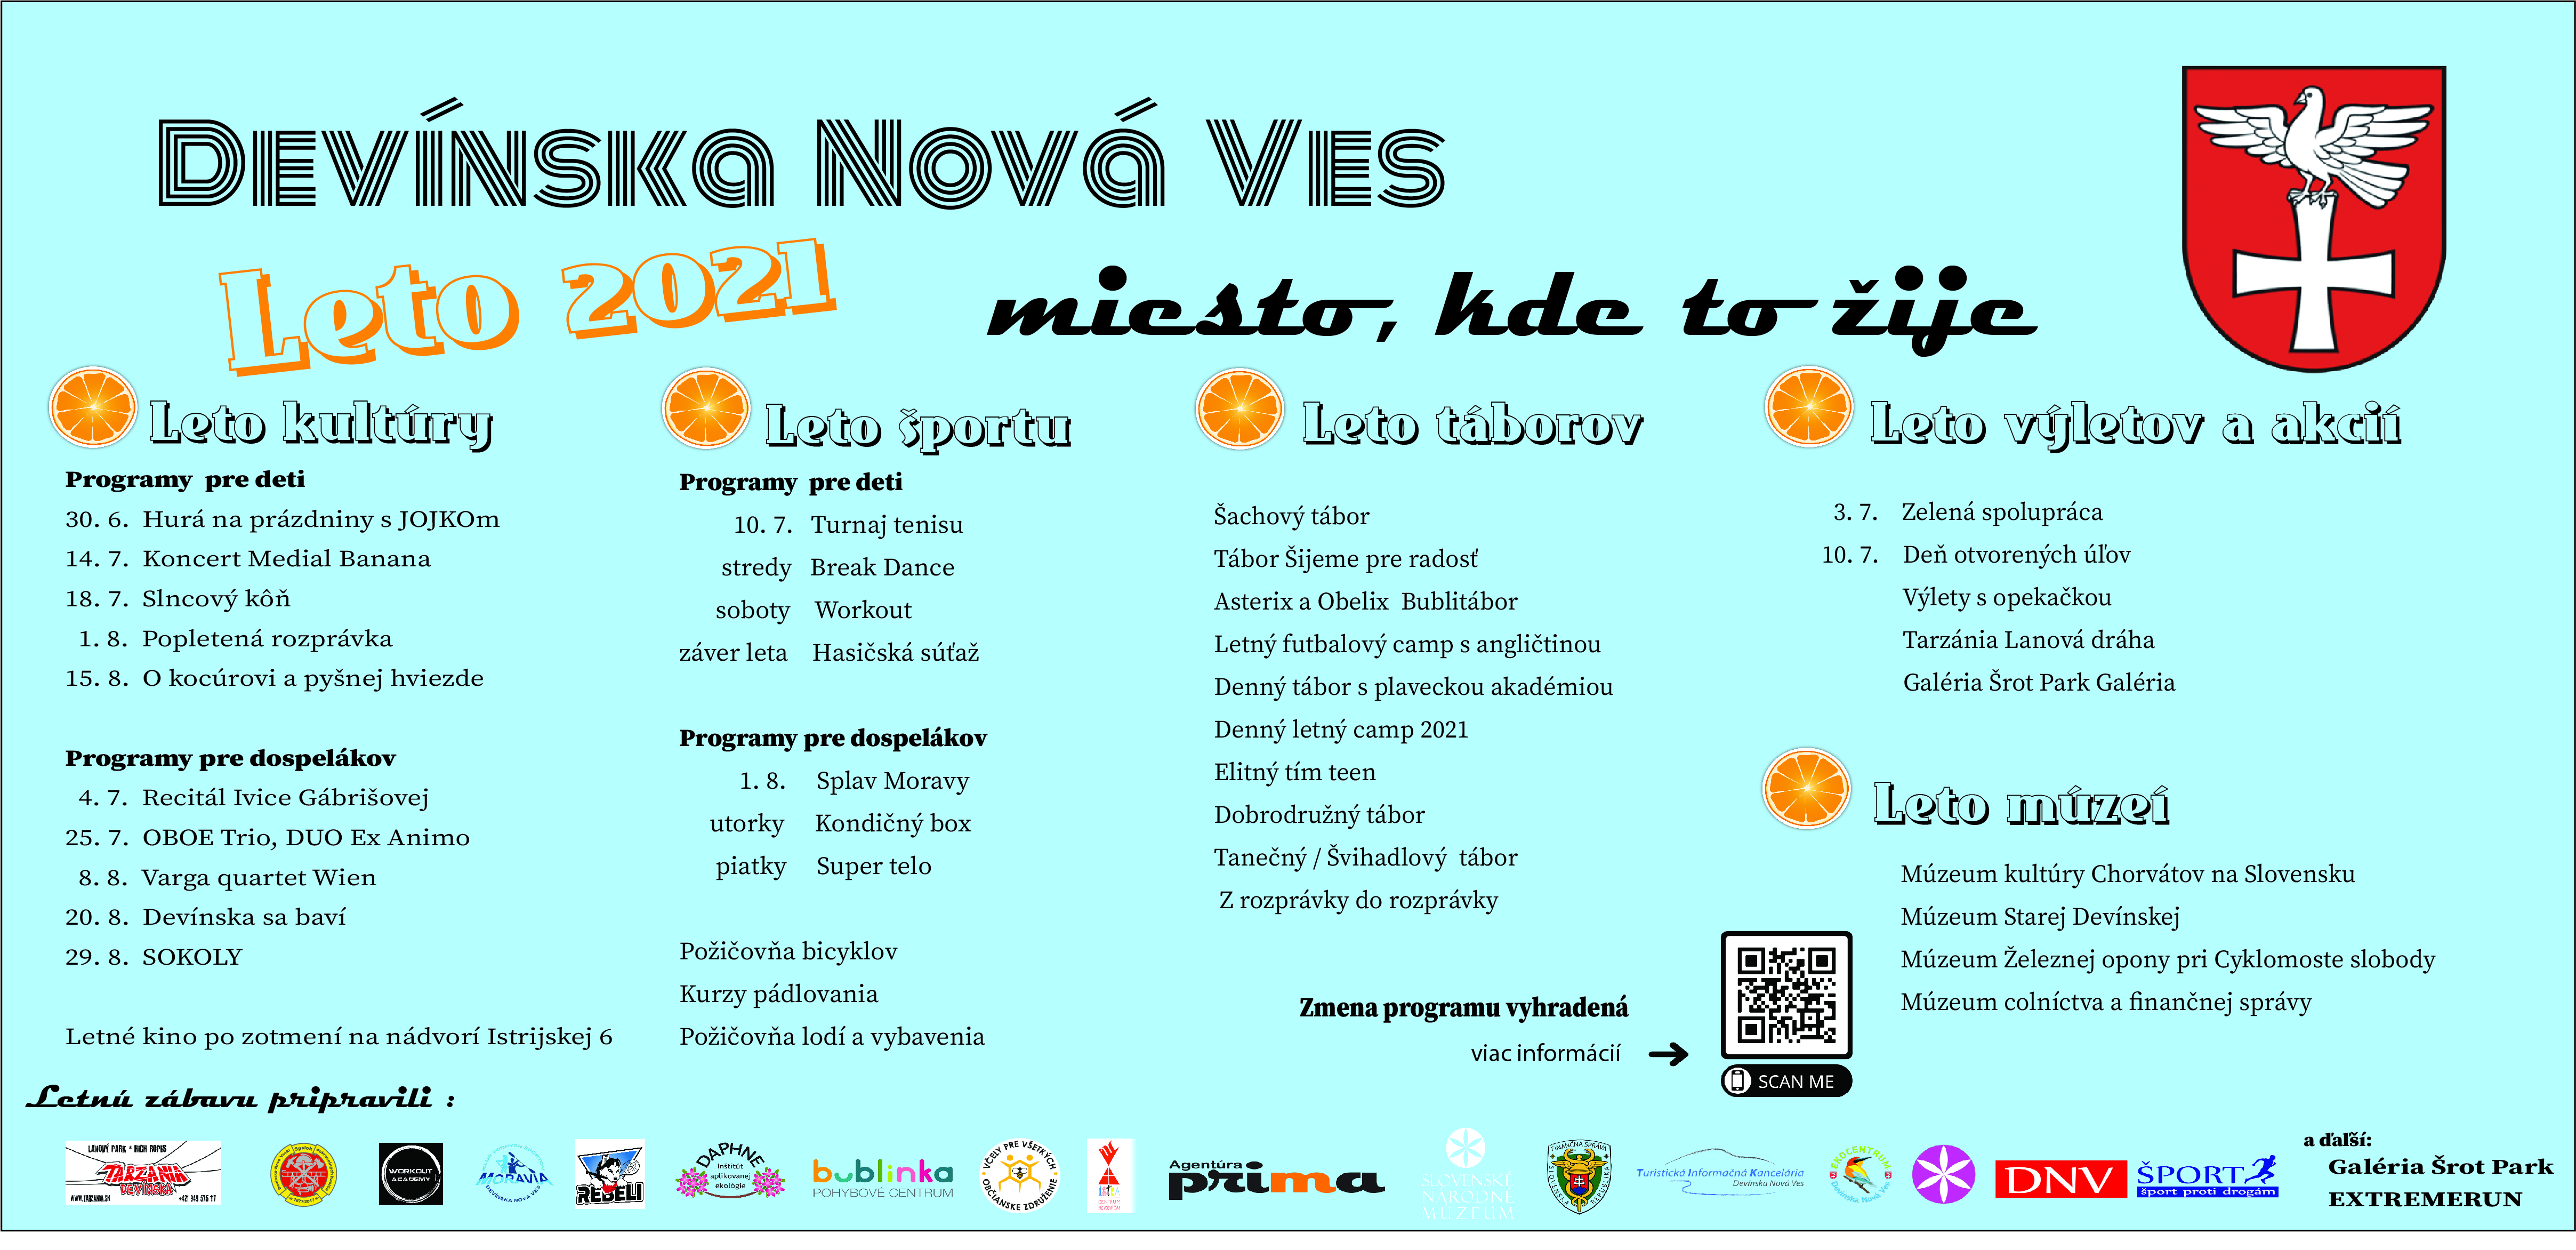 leto_2021_final_+_DNV_Sport-holubica_final